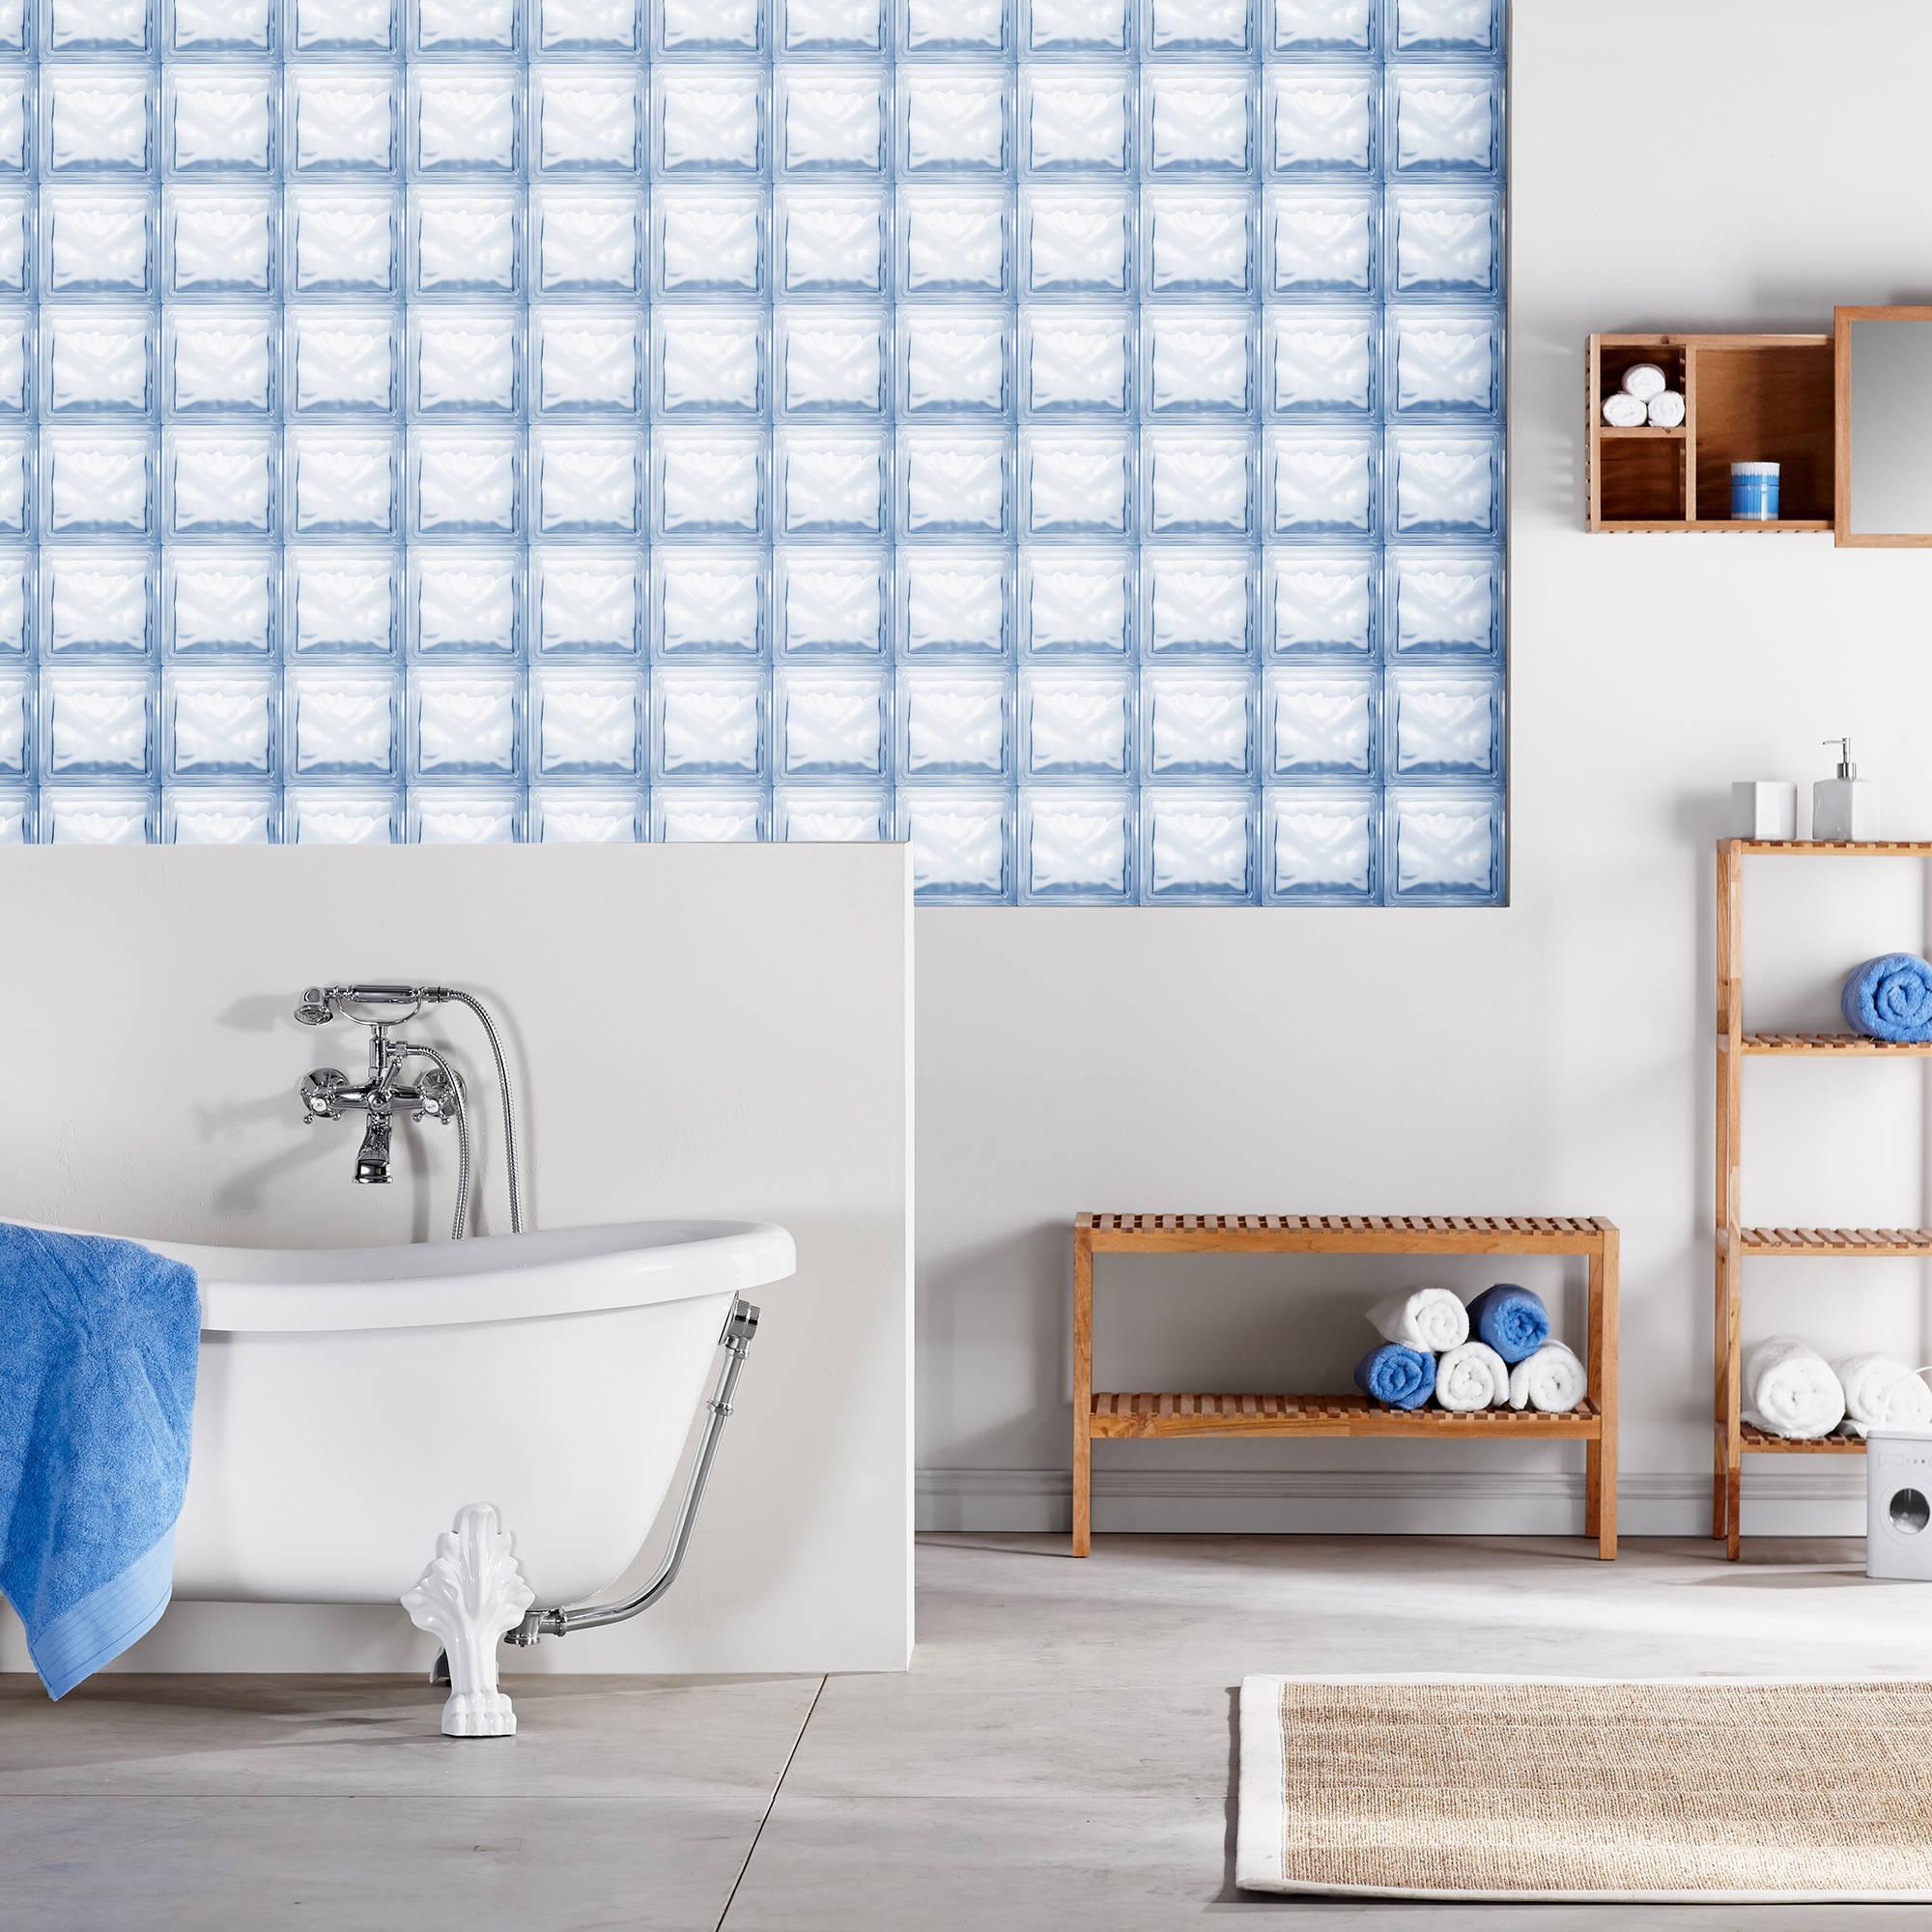 Glasbausteine Im Bad glasbausteine für mehr helligkeit im bad bad badew